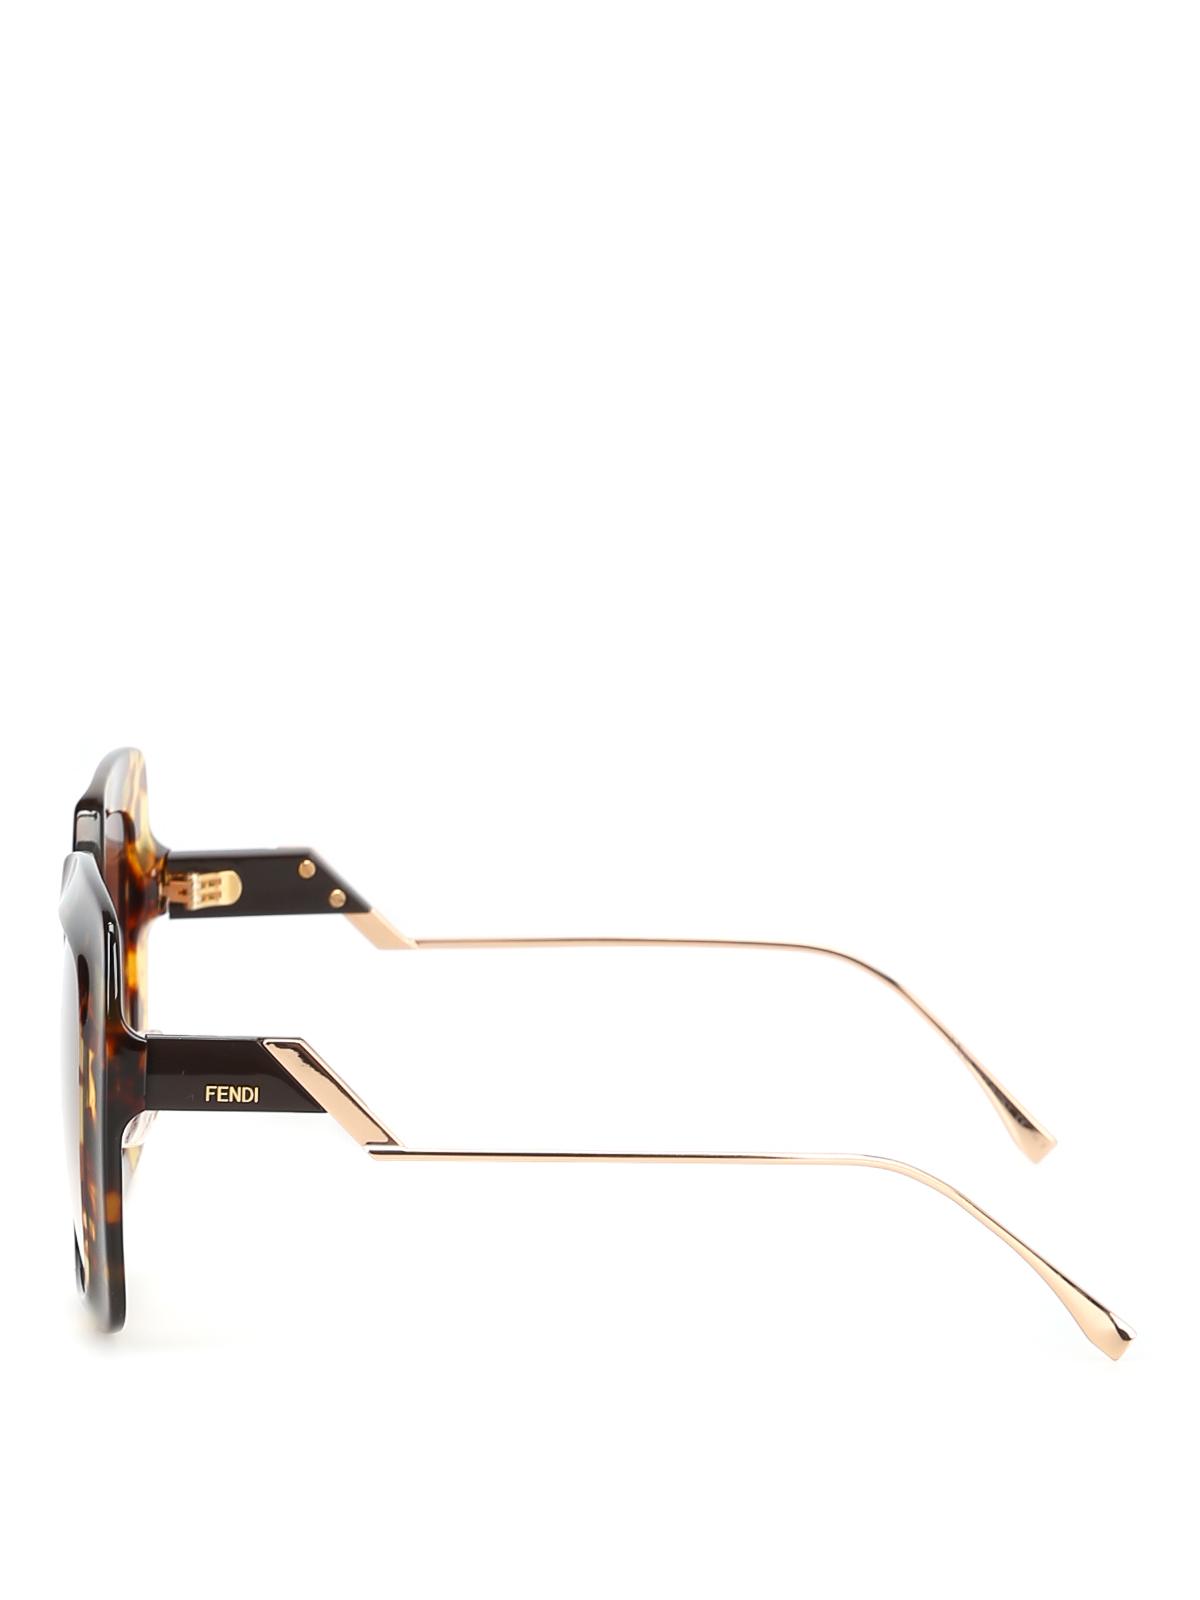 4d3fb3c413 Fendi - Gafas De Sol - Marrón - Gafas de sol - FF0317S086HA | iKRIX.com